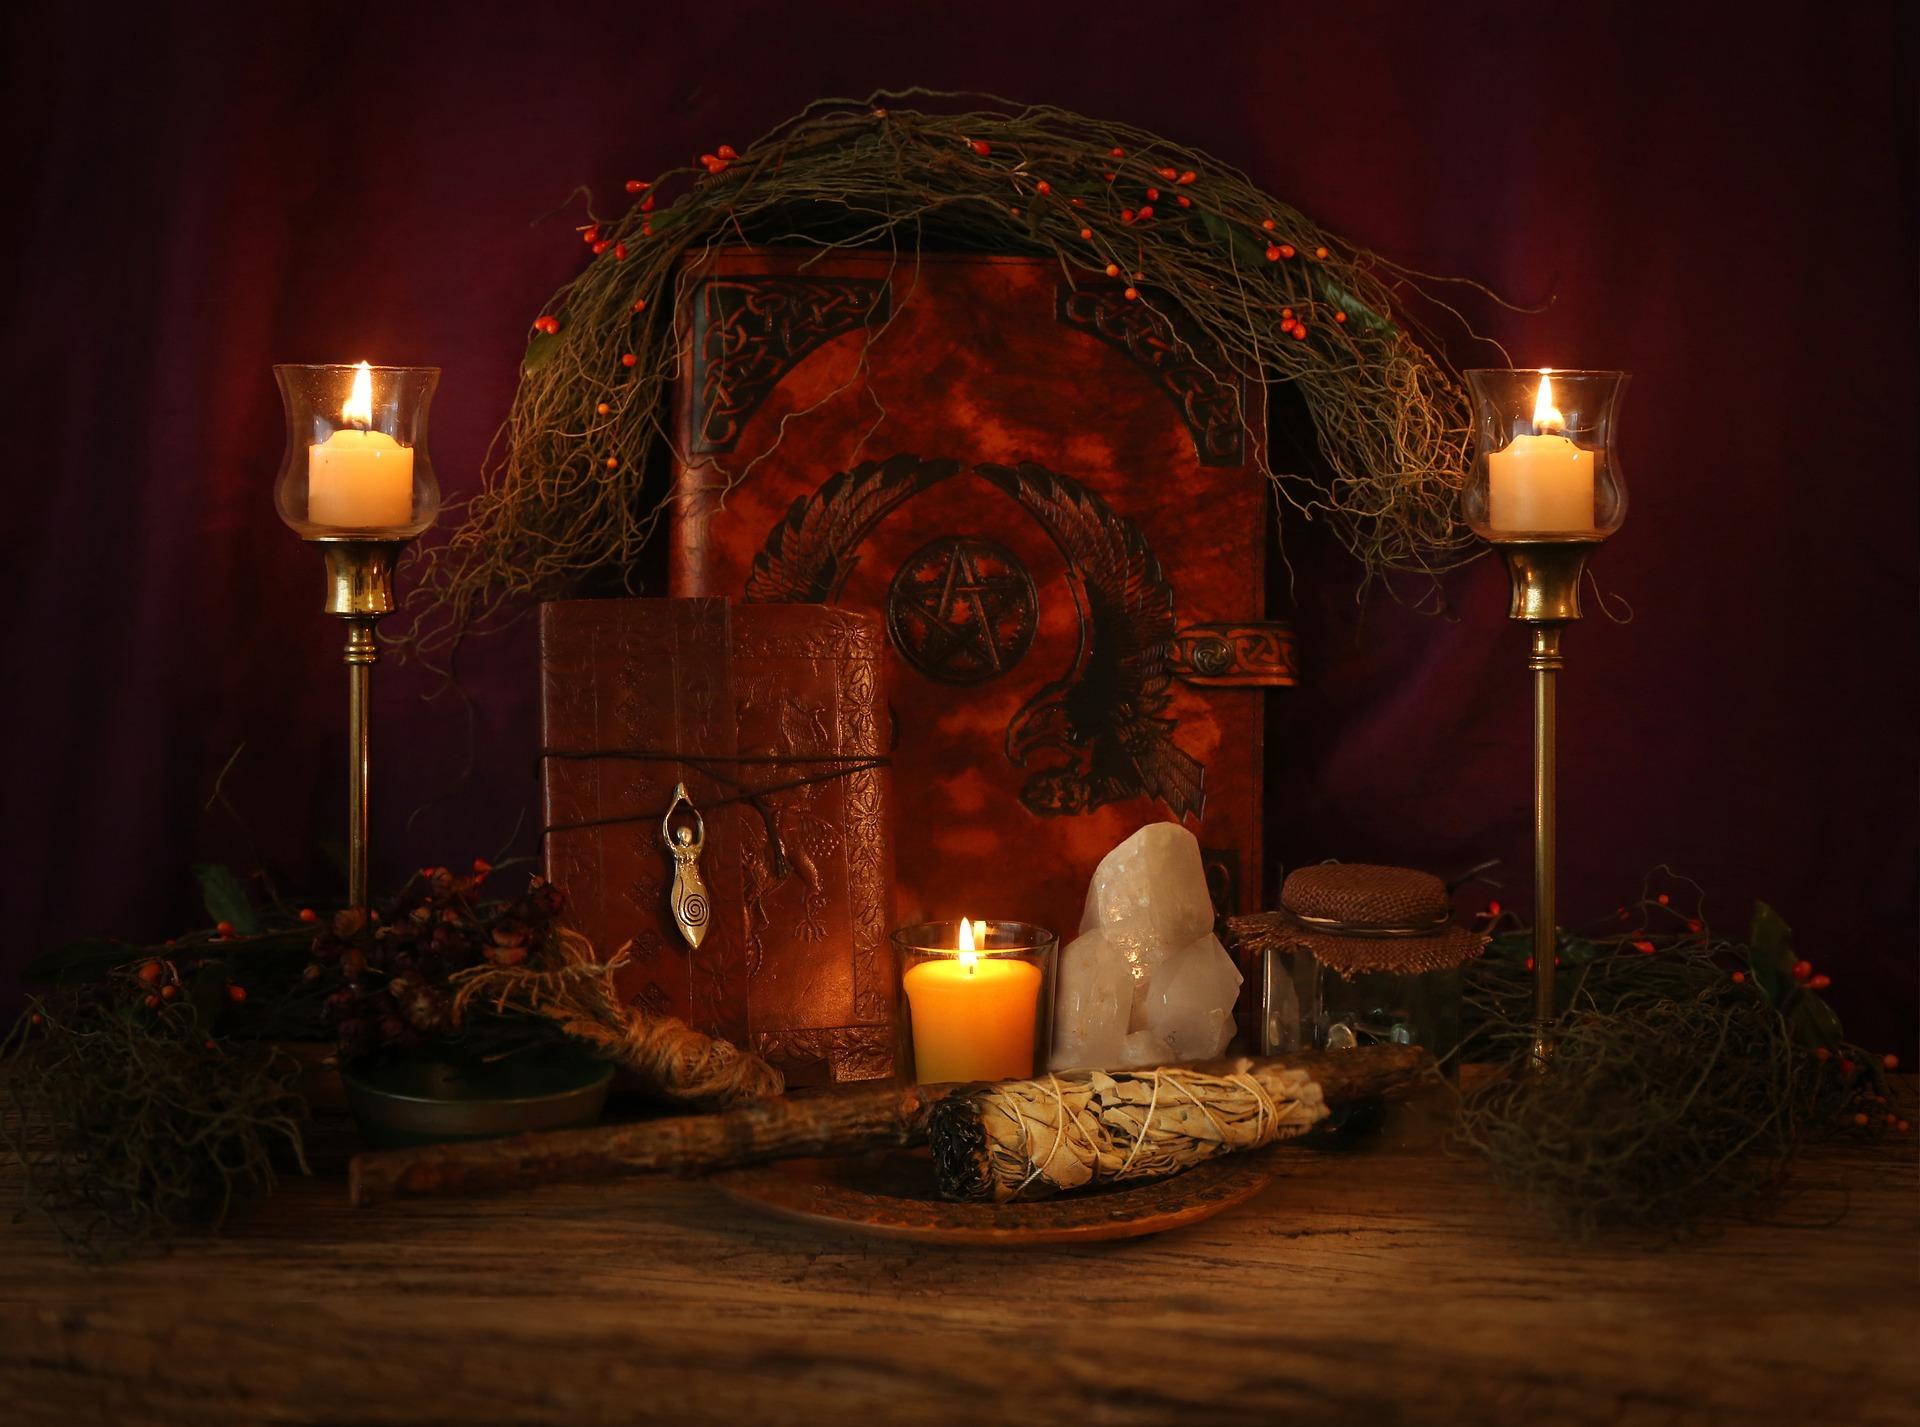 Religiones neopaganas. La Wicca